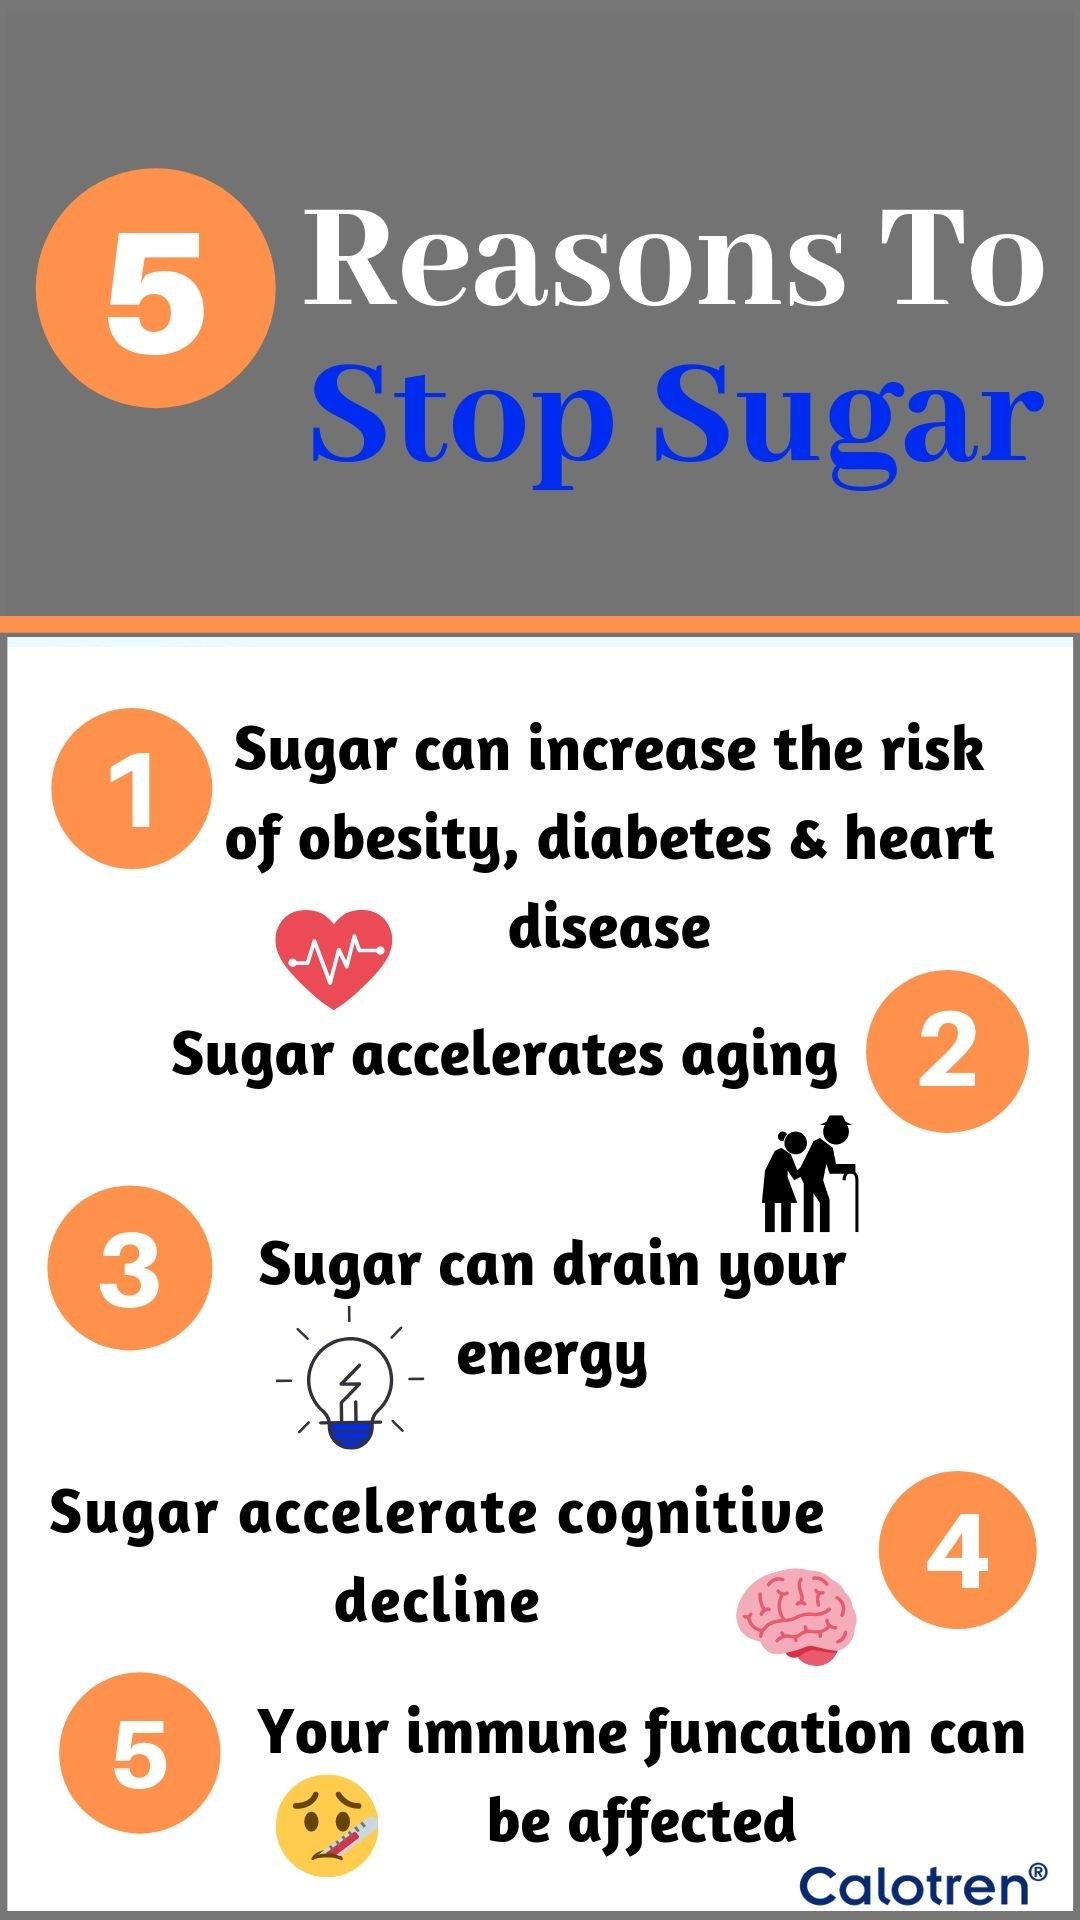 5 REASONS TO STOP SUGAR! (2)